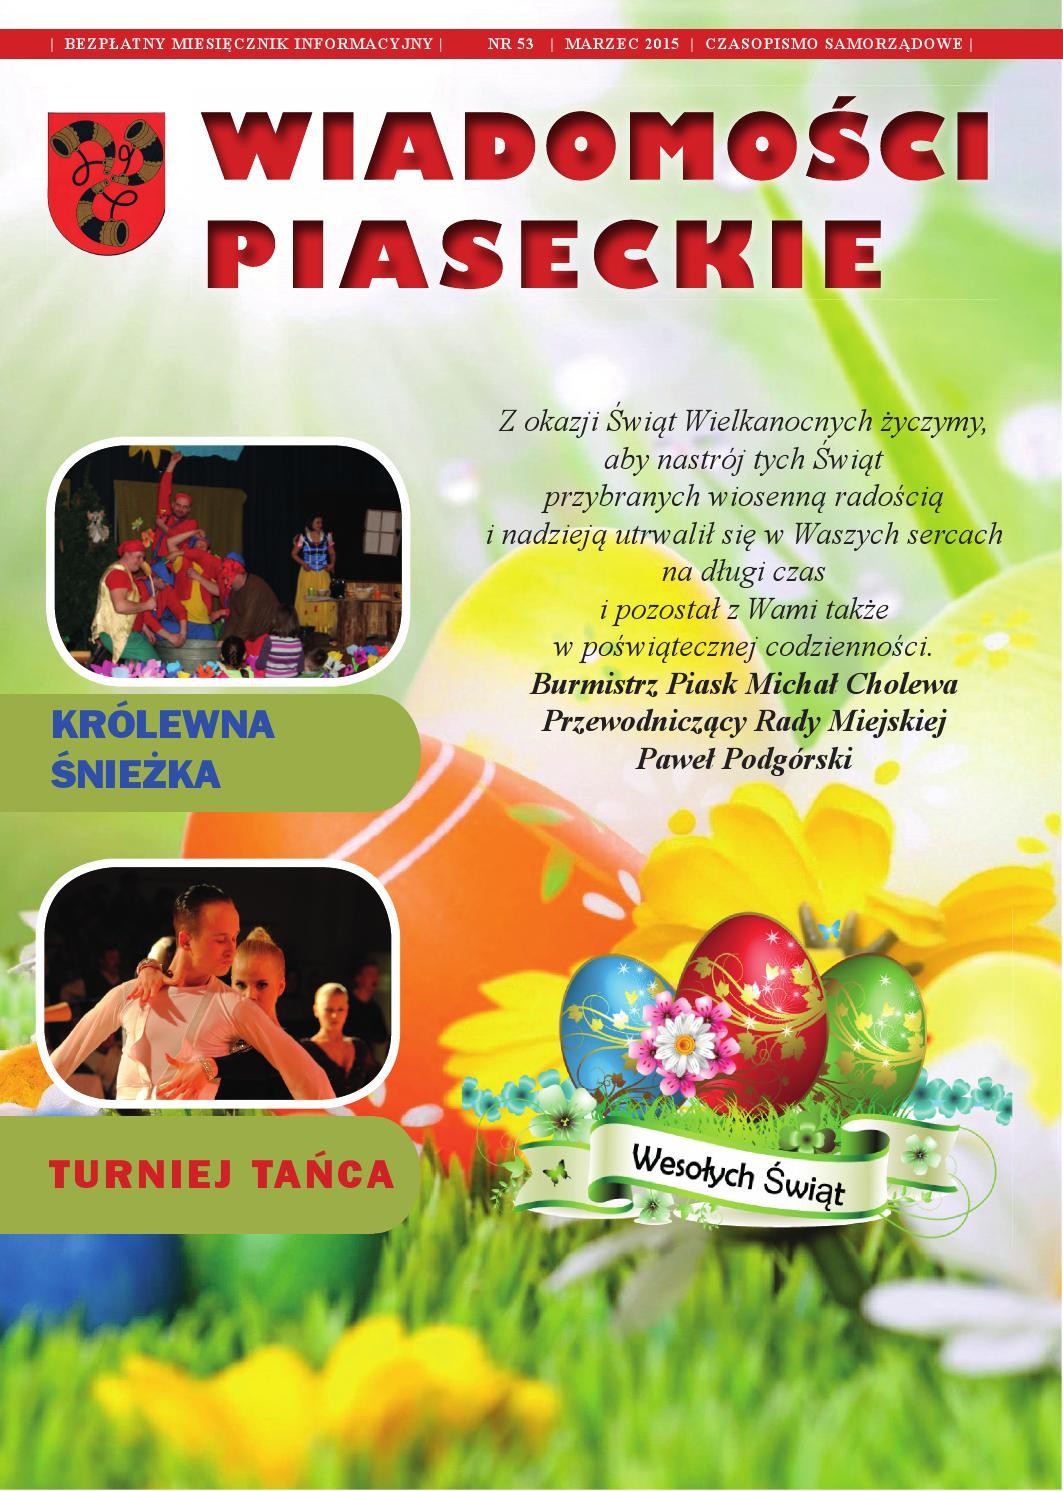 Wiadomości Piaseckie Marzec 2015 By Umpiaski Issuu